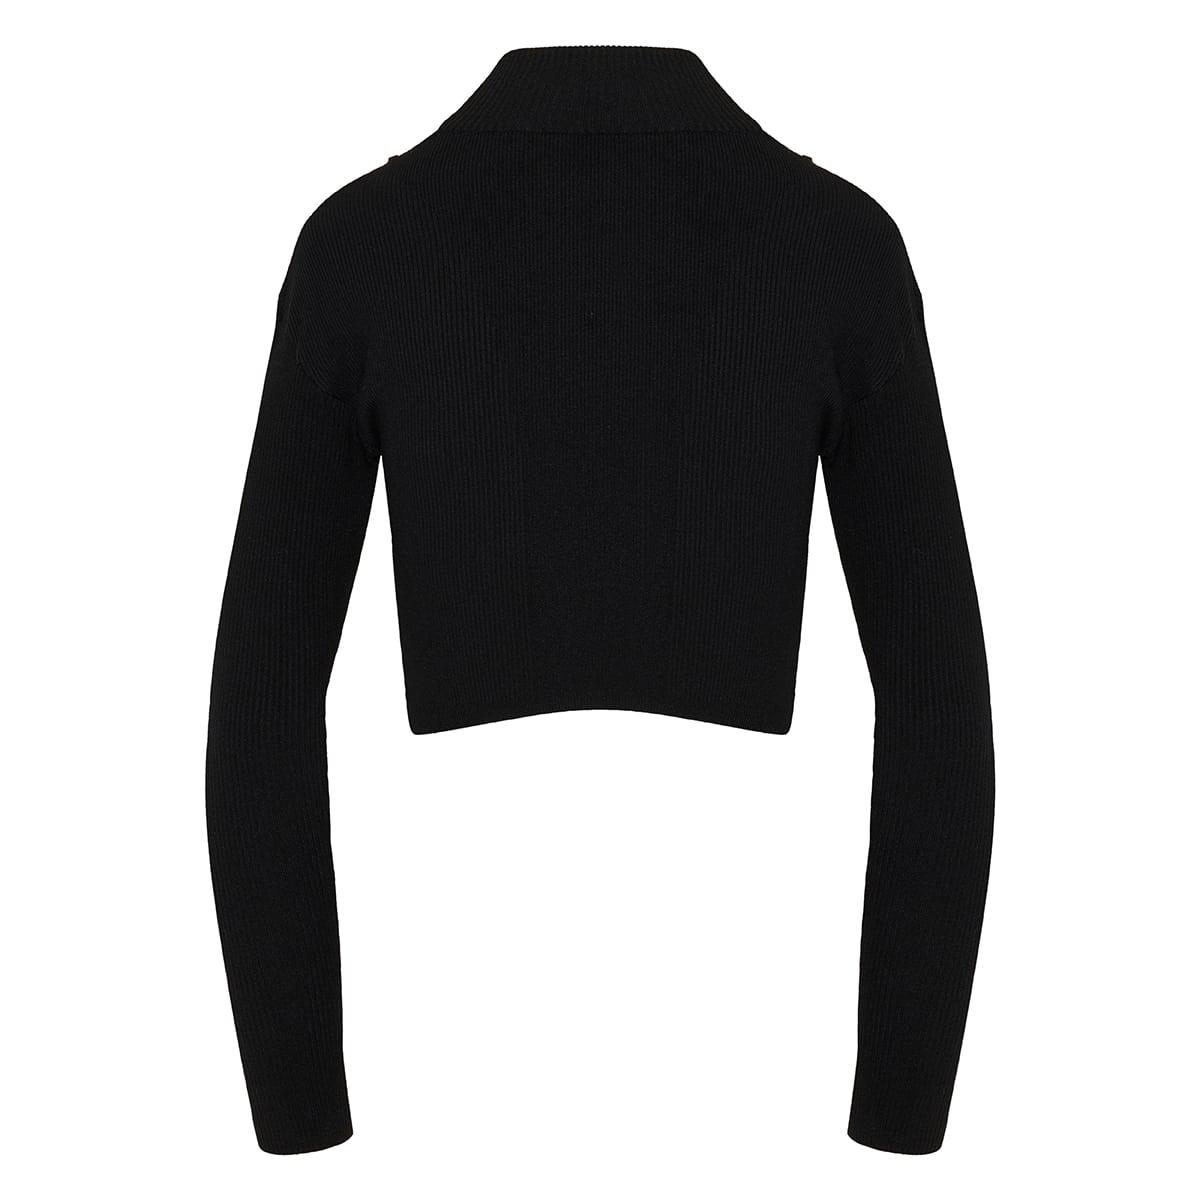 La Maille Bormio rib-knit cropped top